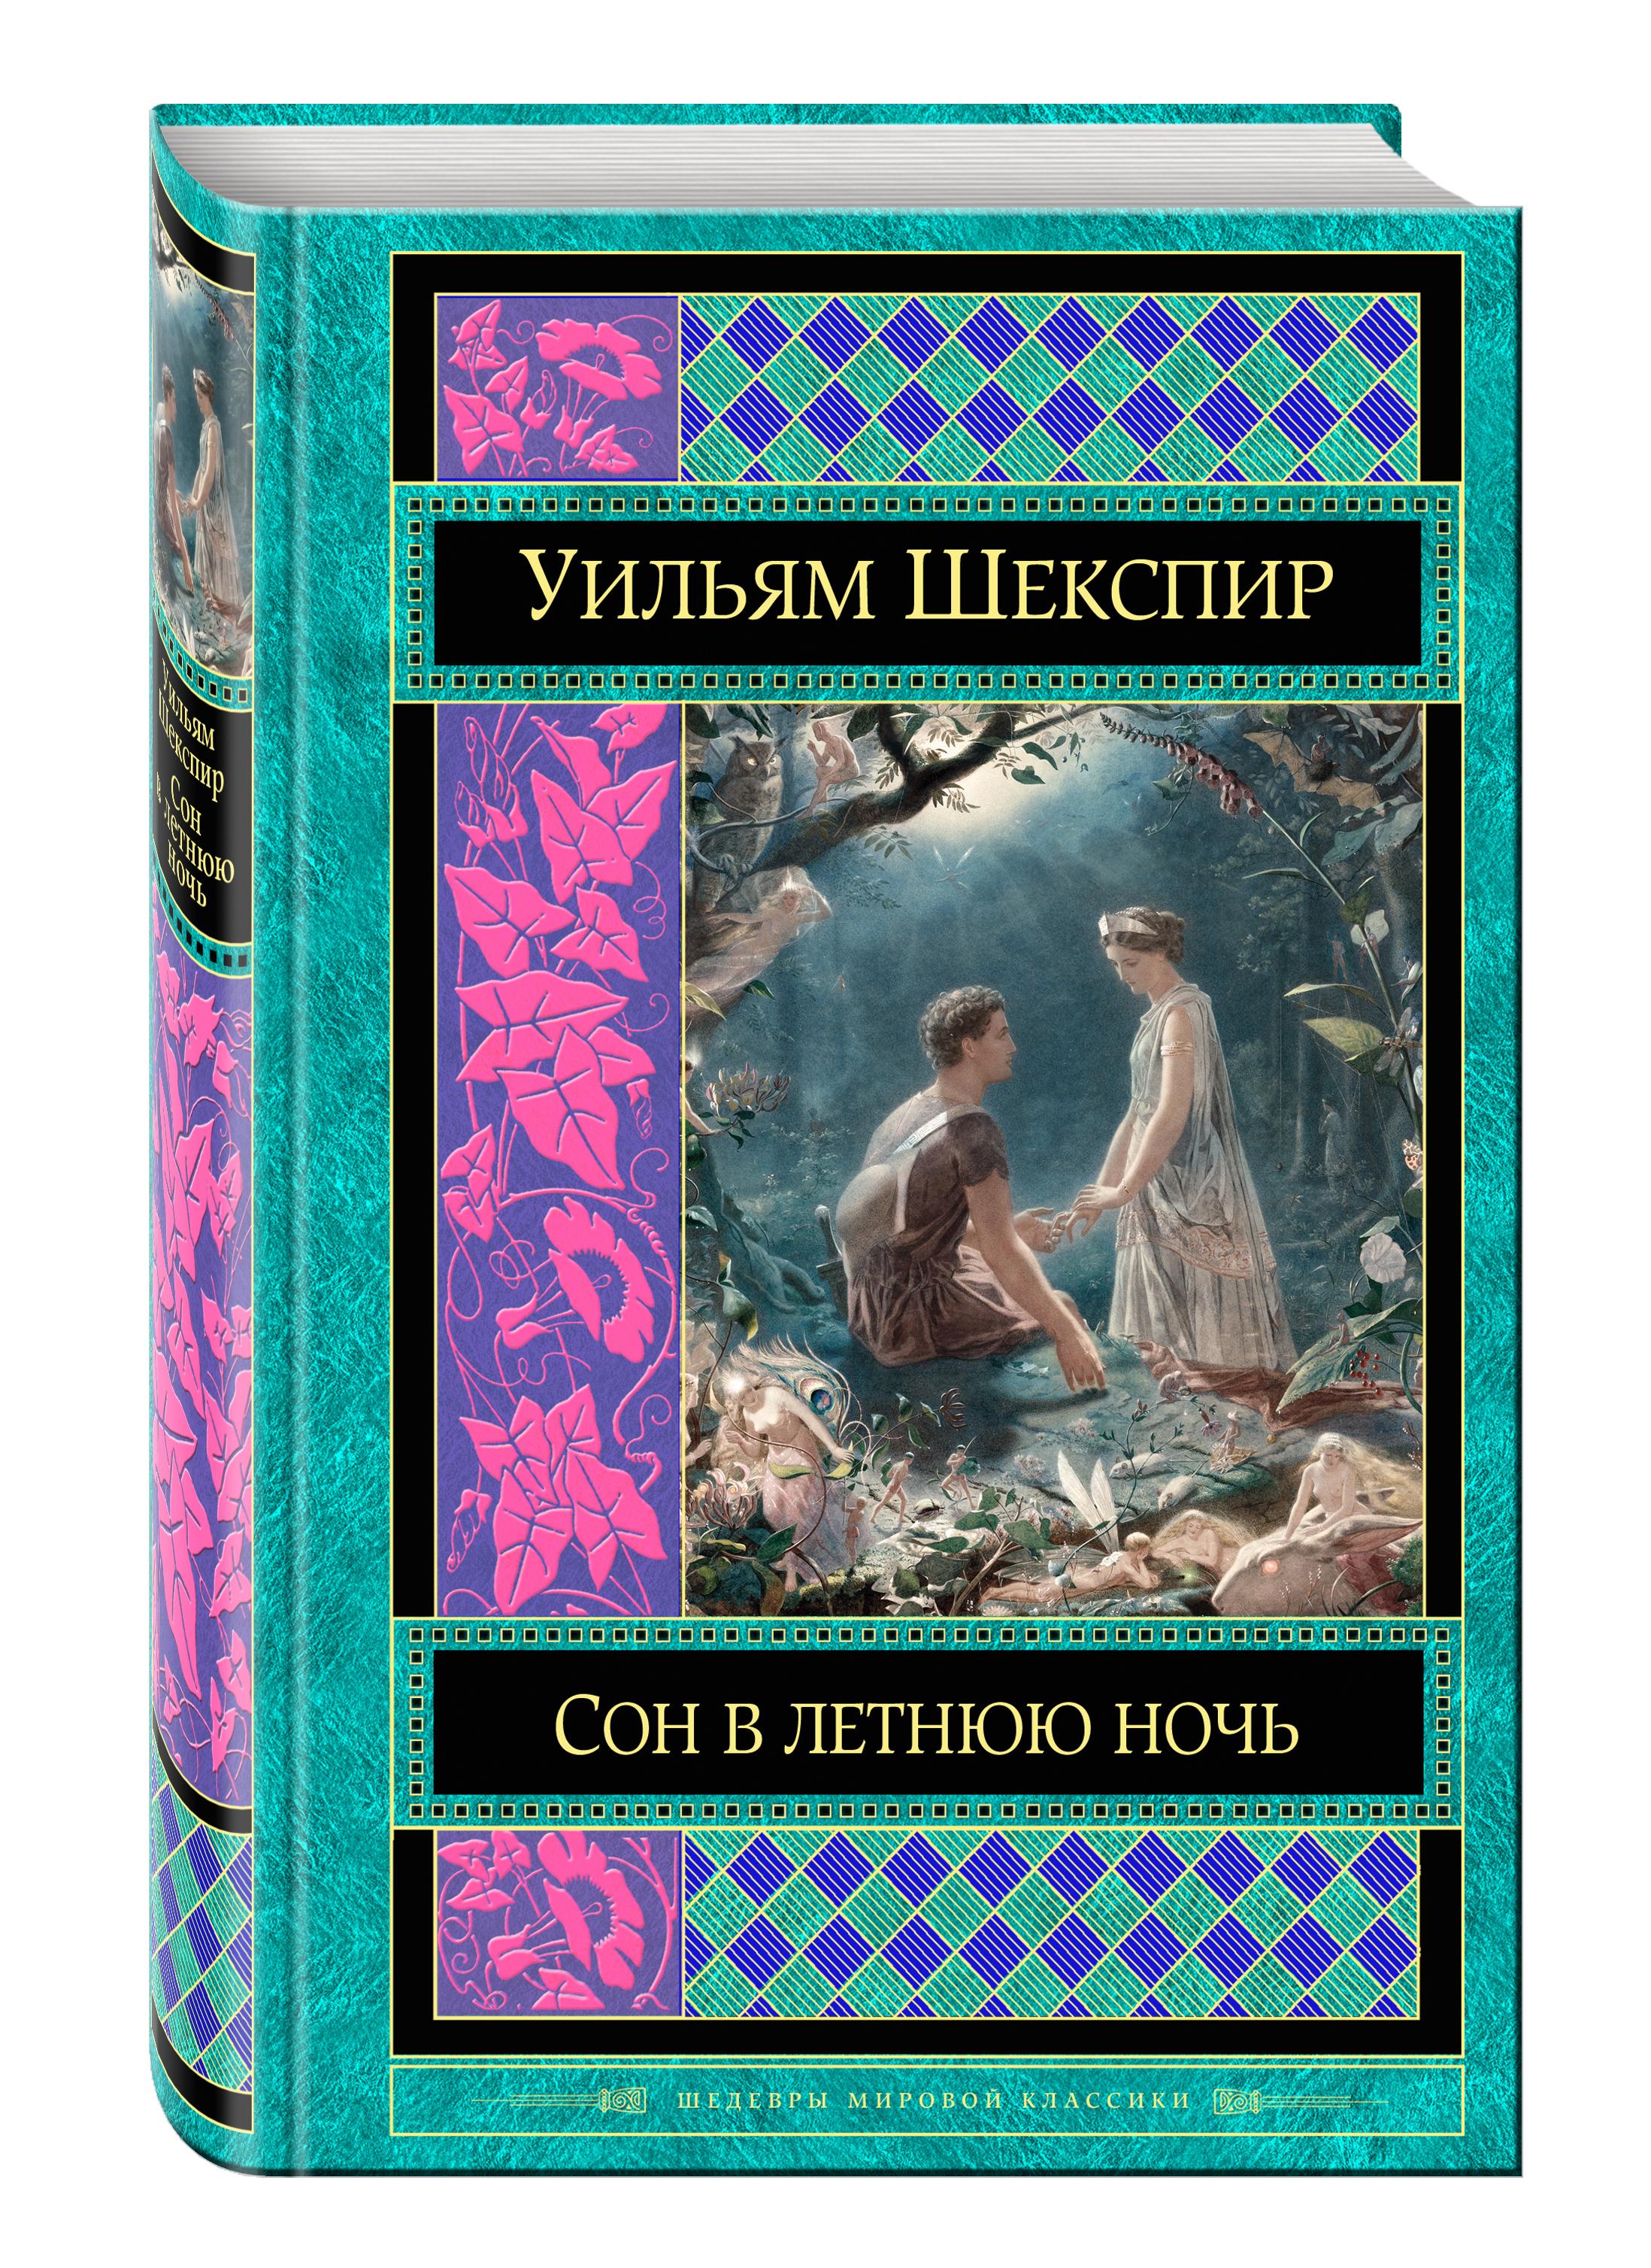 Уильям Шекспир Сон в летнюю ночь уильям шекспир комедии укрощение строптивой сон в летнюю ночь венецианский купец много шума из ничего двенадцатая ночь или что угодно